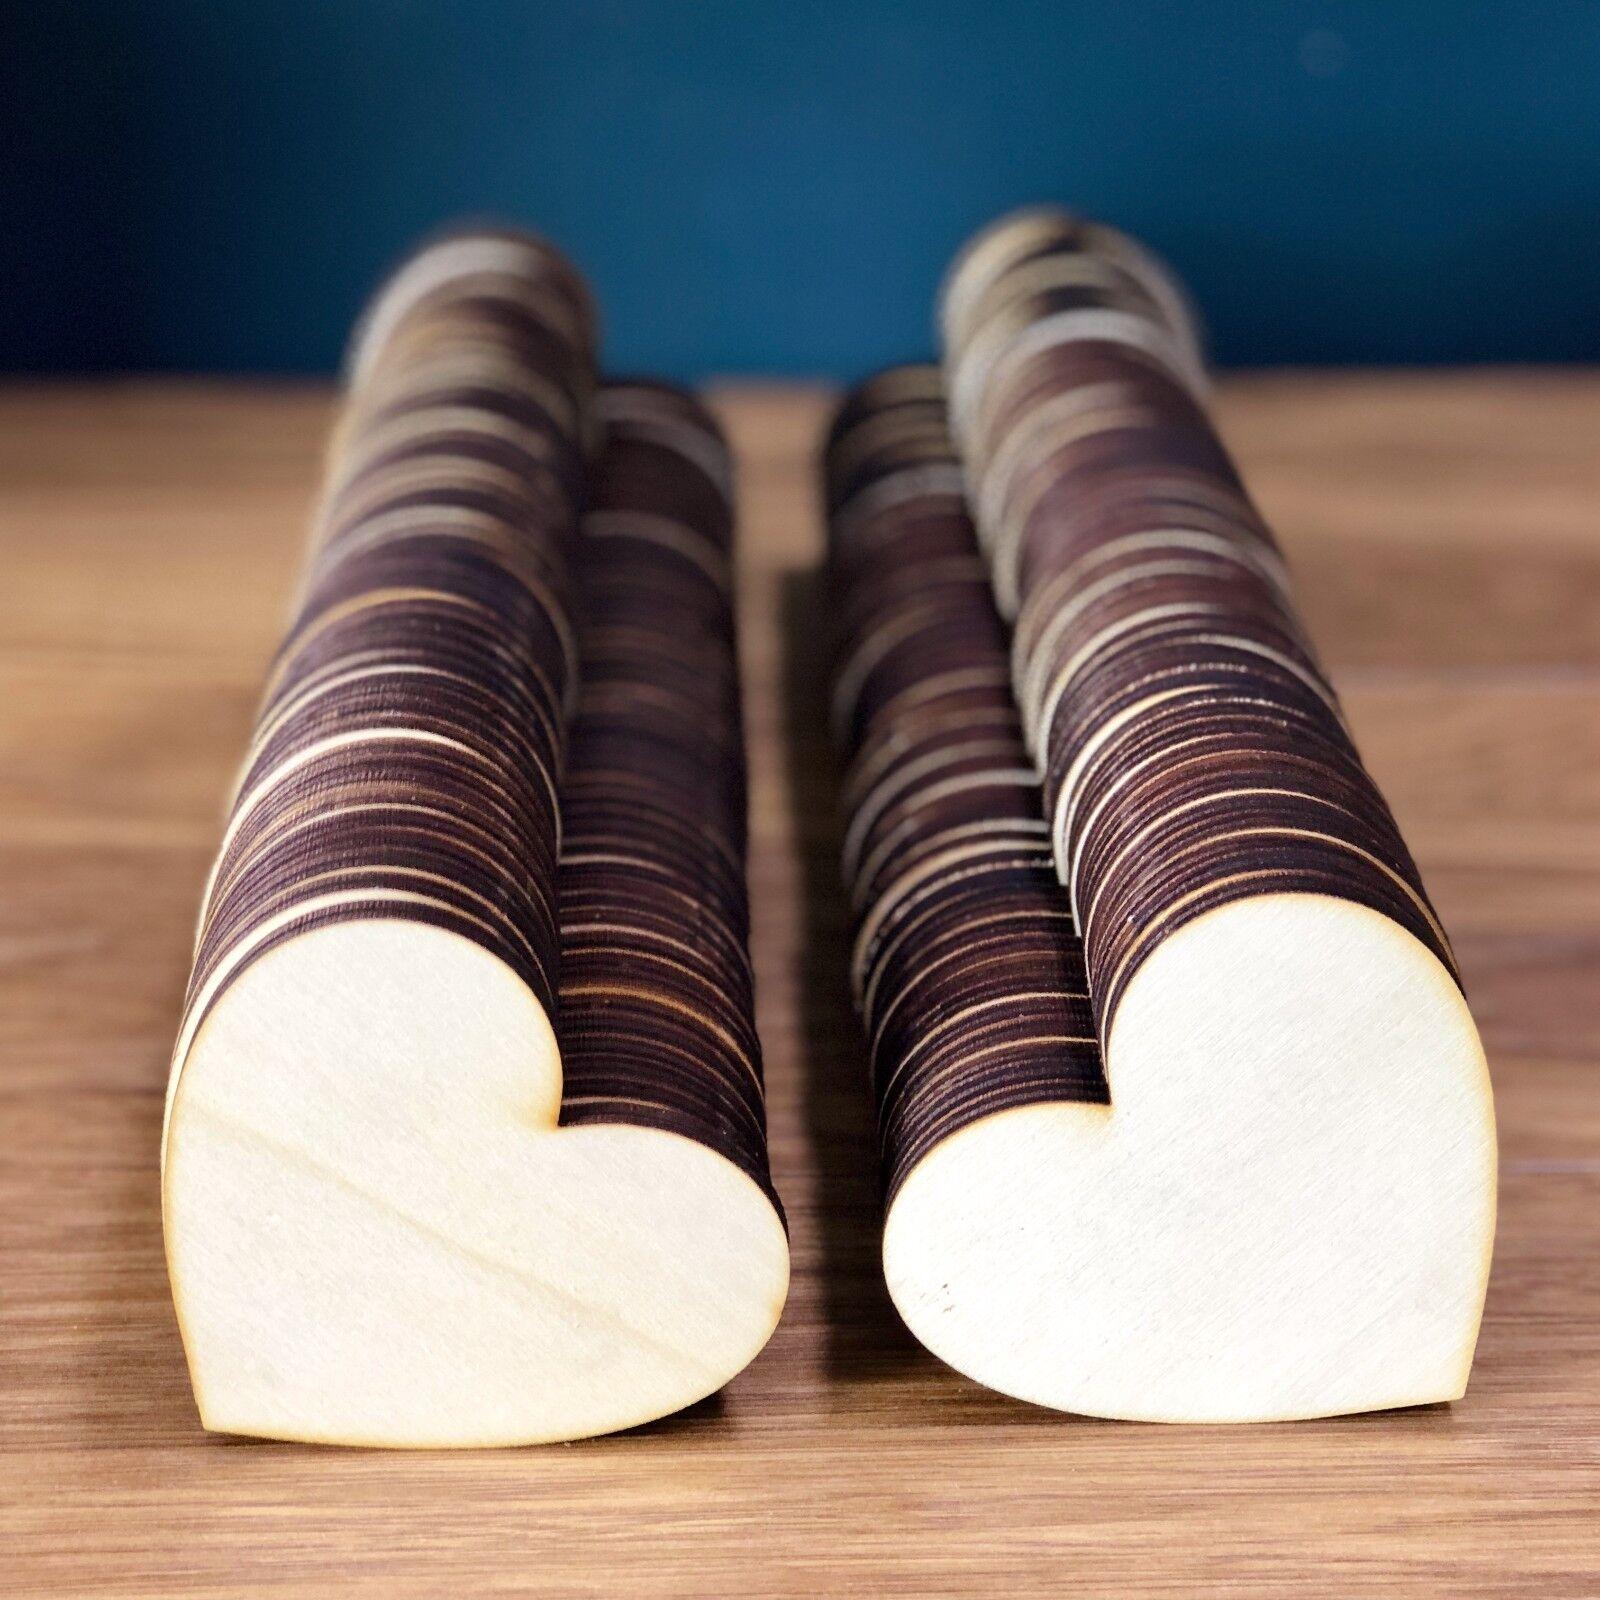 LIBRO Degli Ospiti Matrimonio alternativa RUSTICO personalizzato in legno guestbook RUSTICO alternativa Drop Box 4edafb